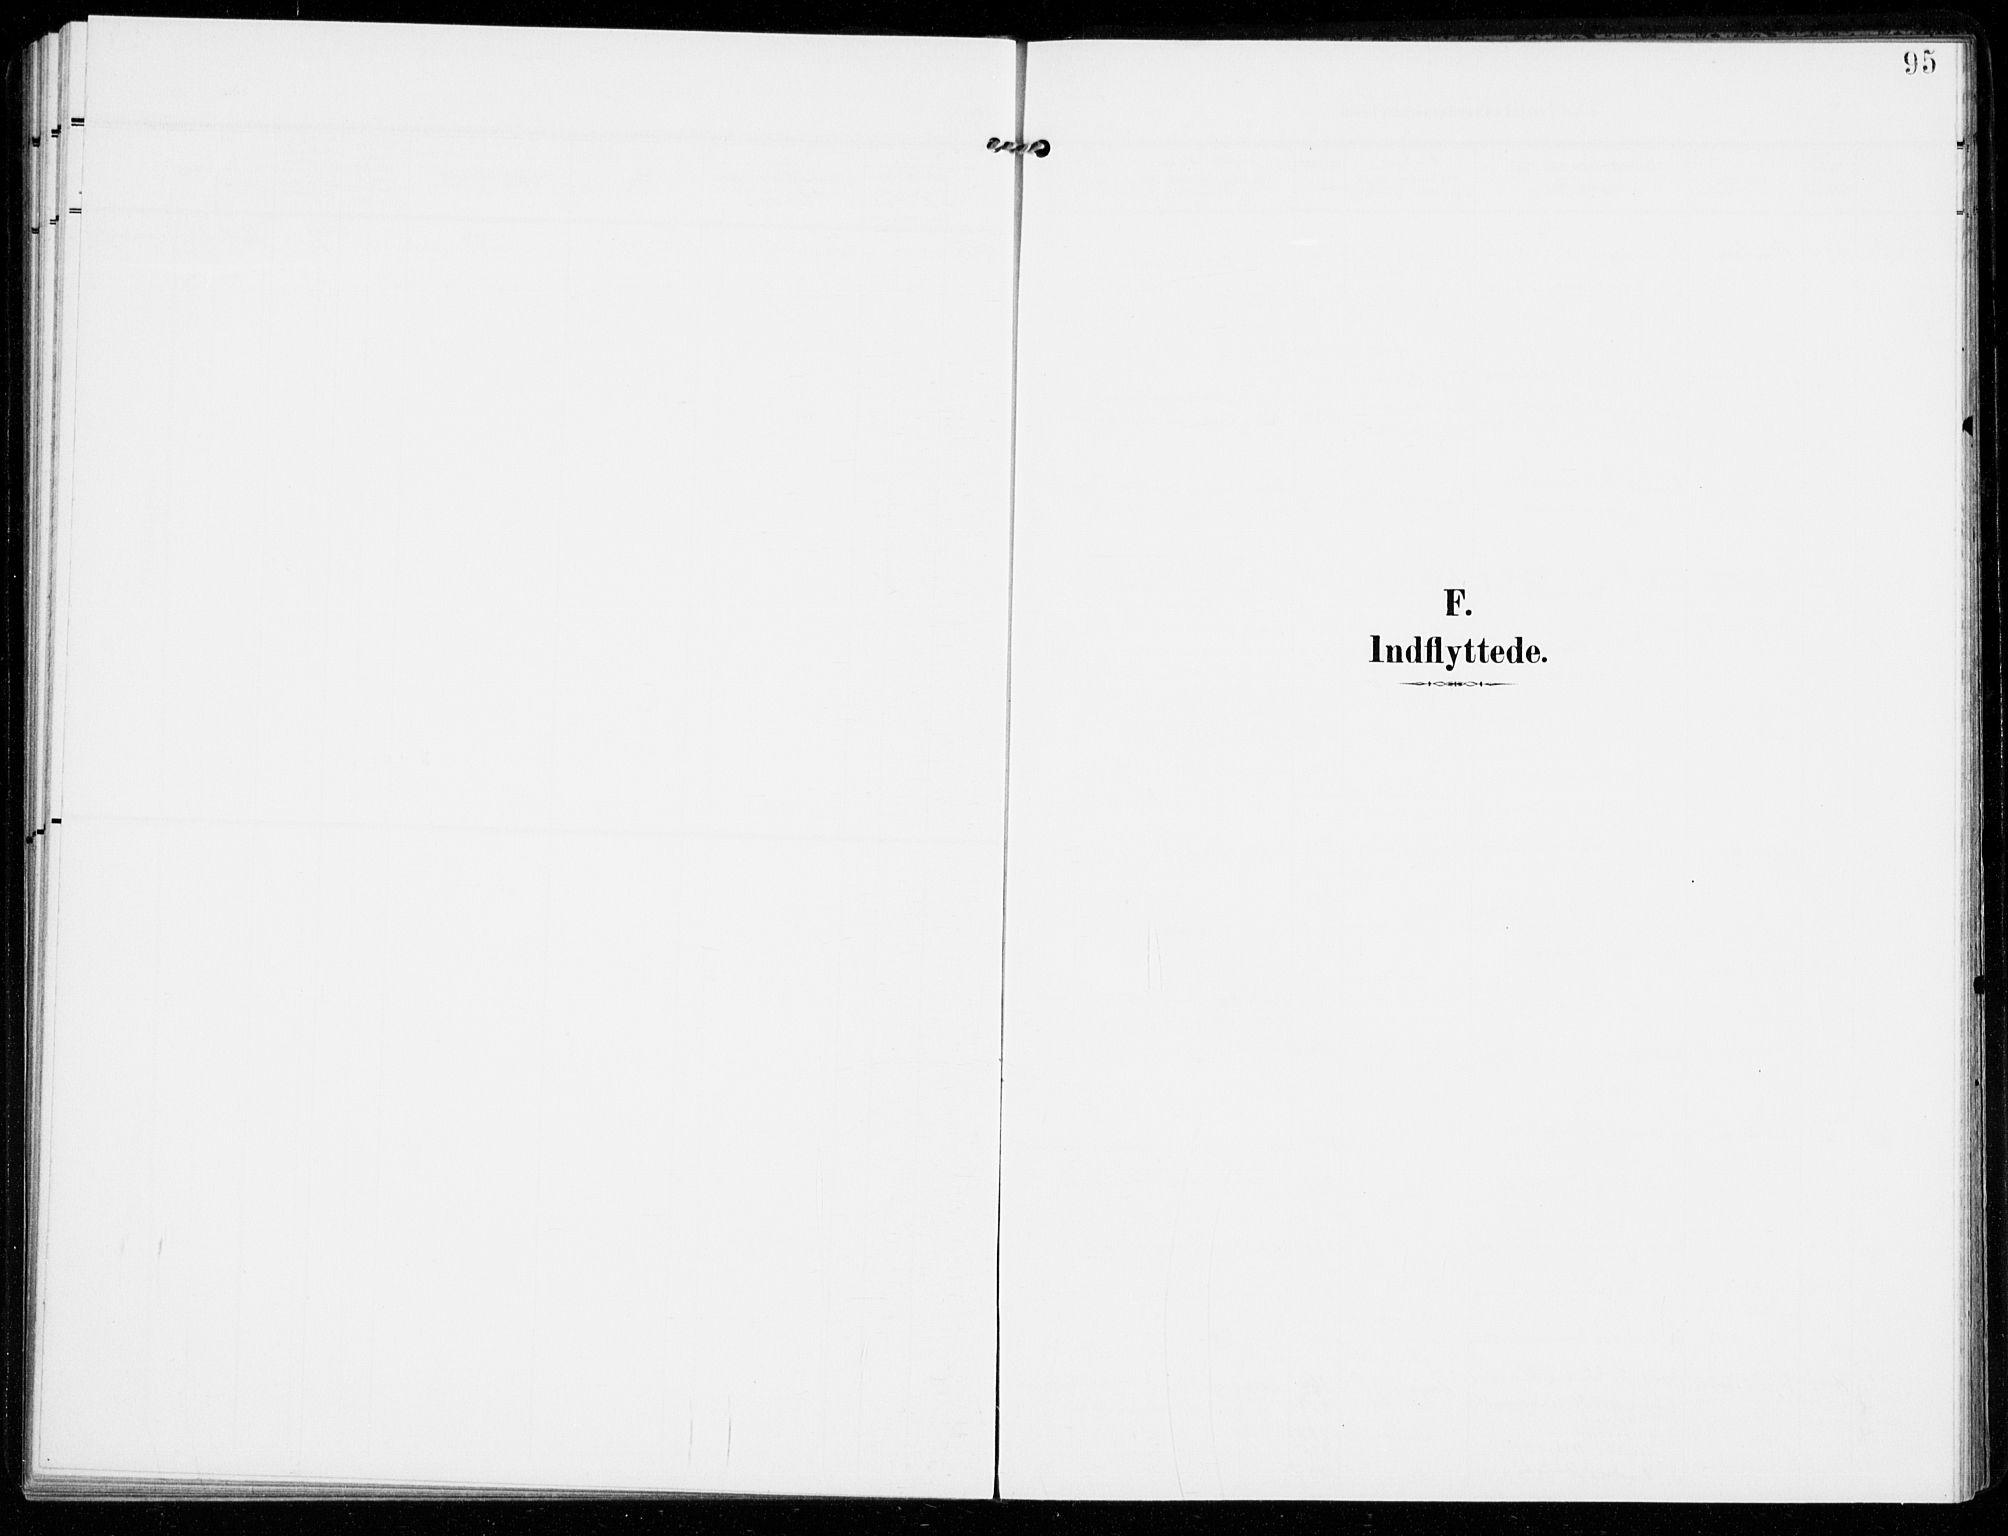 SAKO, Sandar kirkebøker, F/Fa/L0019: Ministerialbok nr. 19, 1908-1914, s. 95